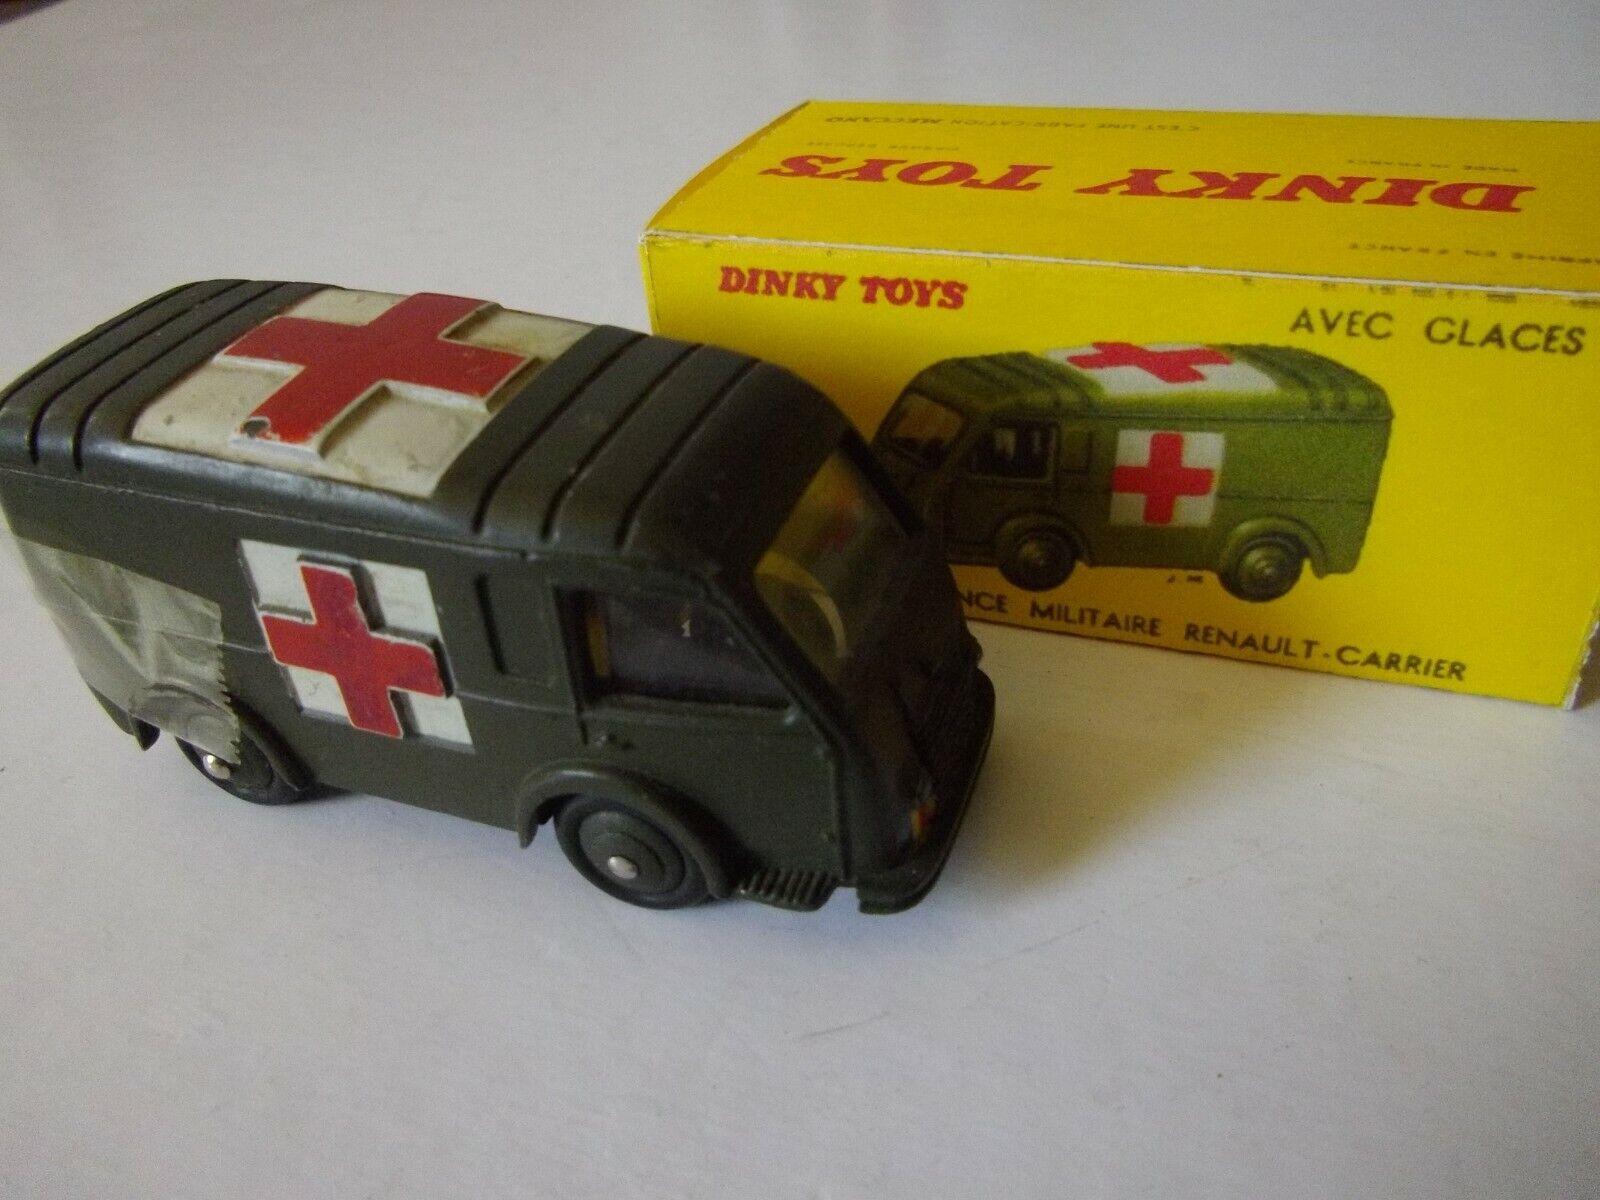 DINKY TOYS - MECCANO Ambulance Militaire avec glaces 80F + boite (repro.)